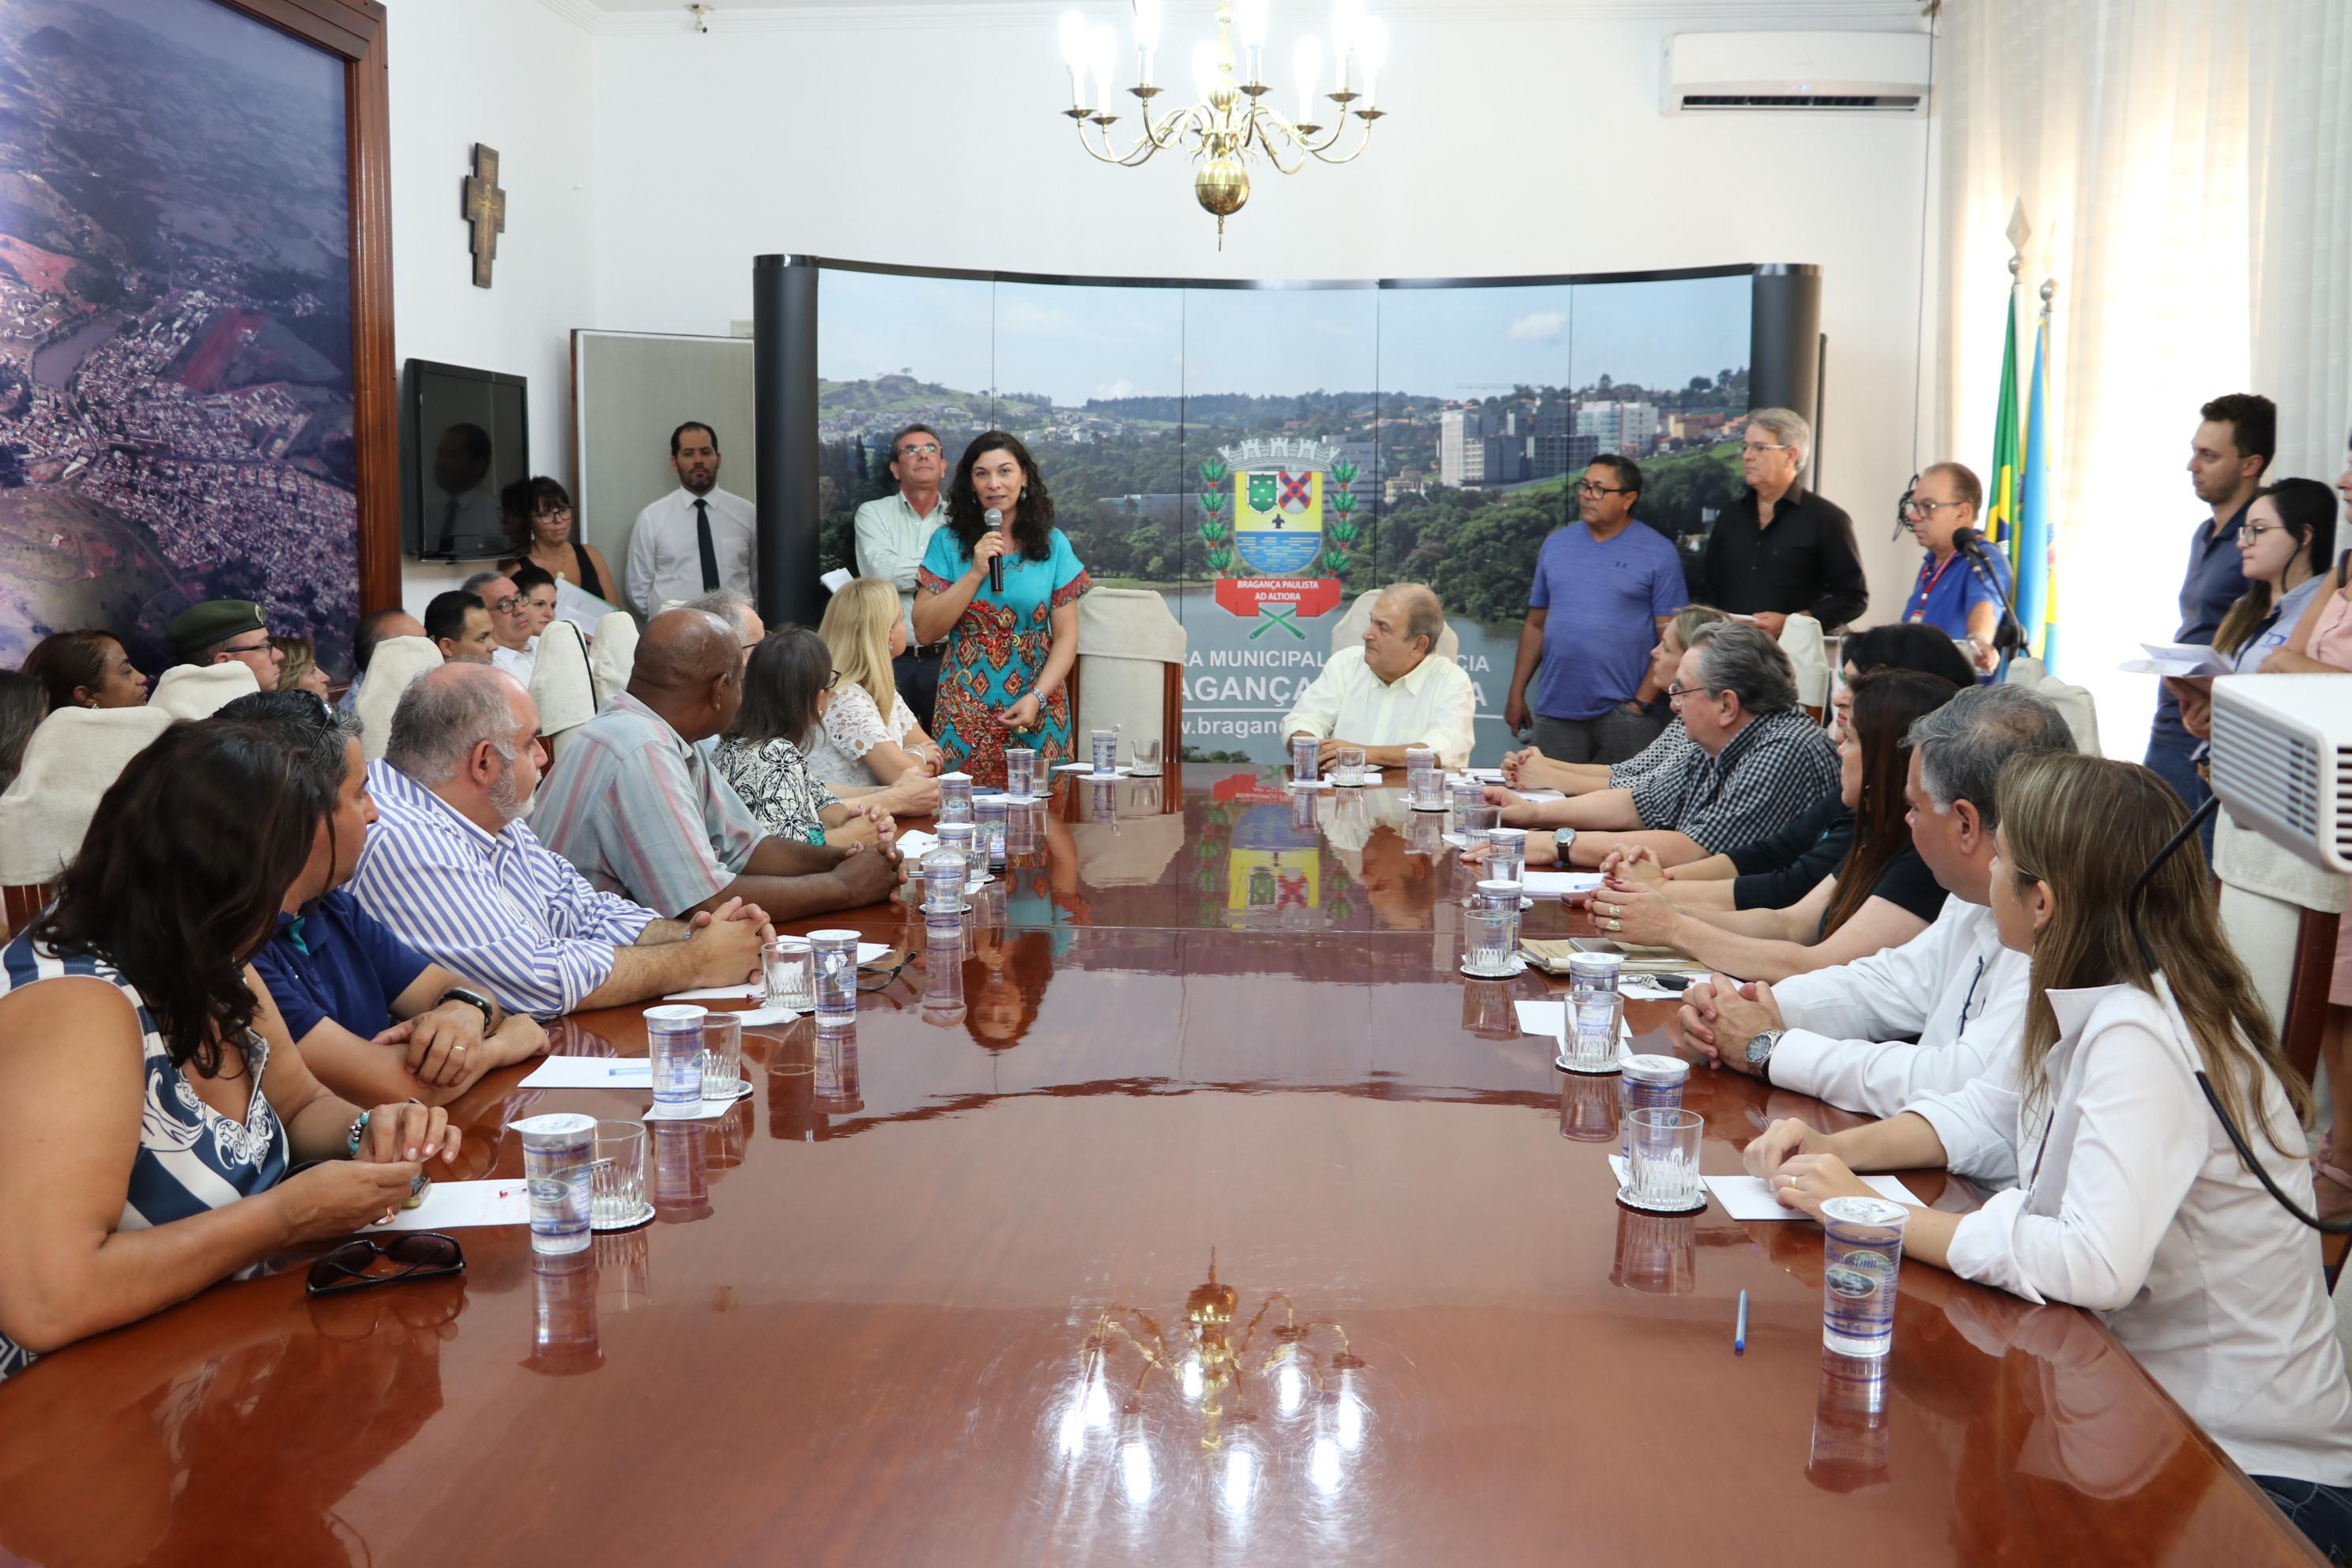 Assinatura acessibilidade escolas (fase 1), com a presença da Promotora de Justiça Dra. Ana Maria Buoso